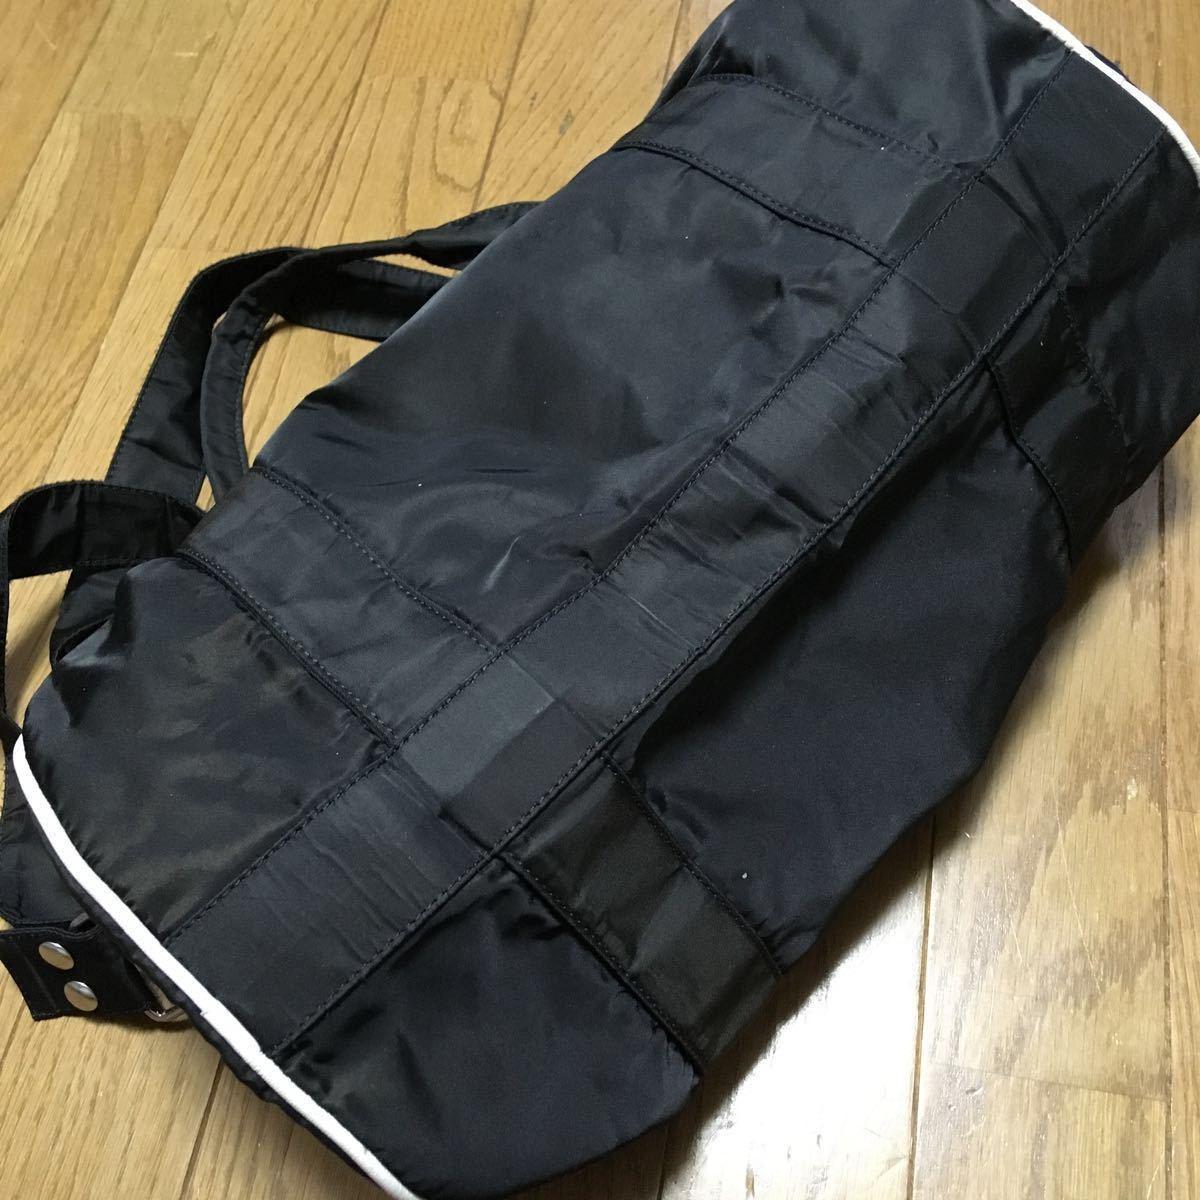 APC アーペーセー ロゴ ボストンバック ナイロン 旅行かばん ブラック 黒 3way ショルダーバッグ_画像4